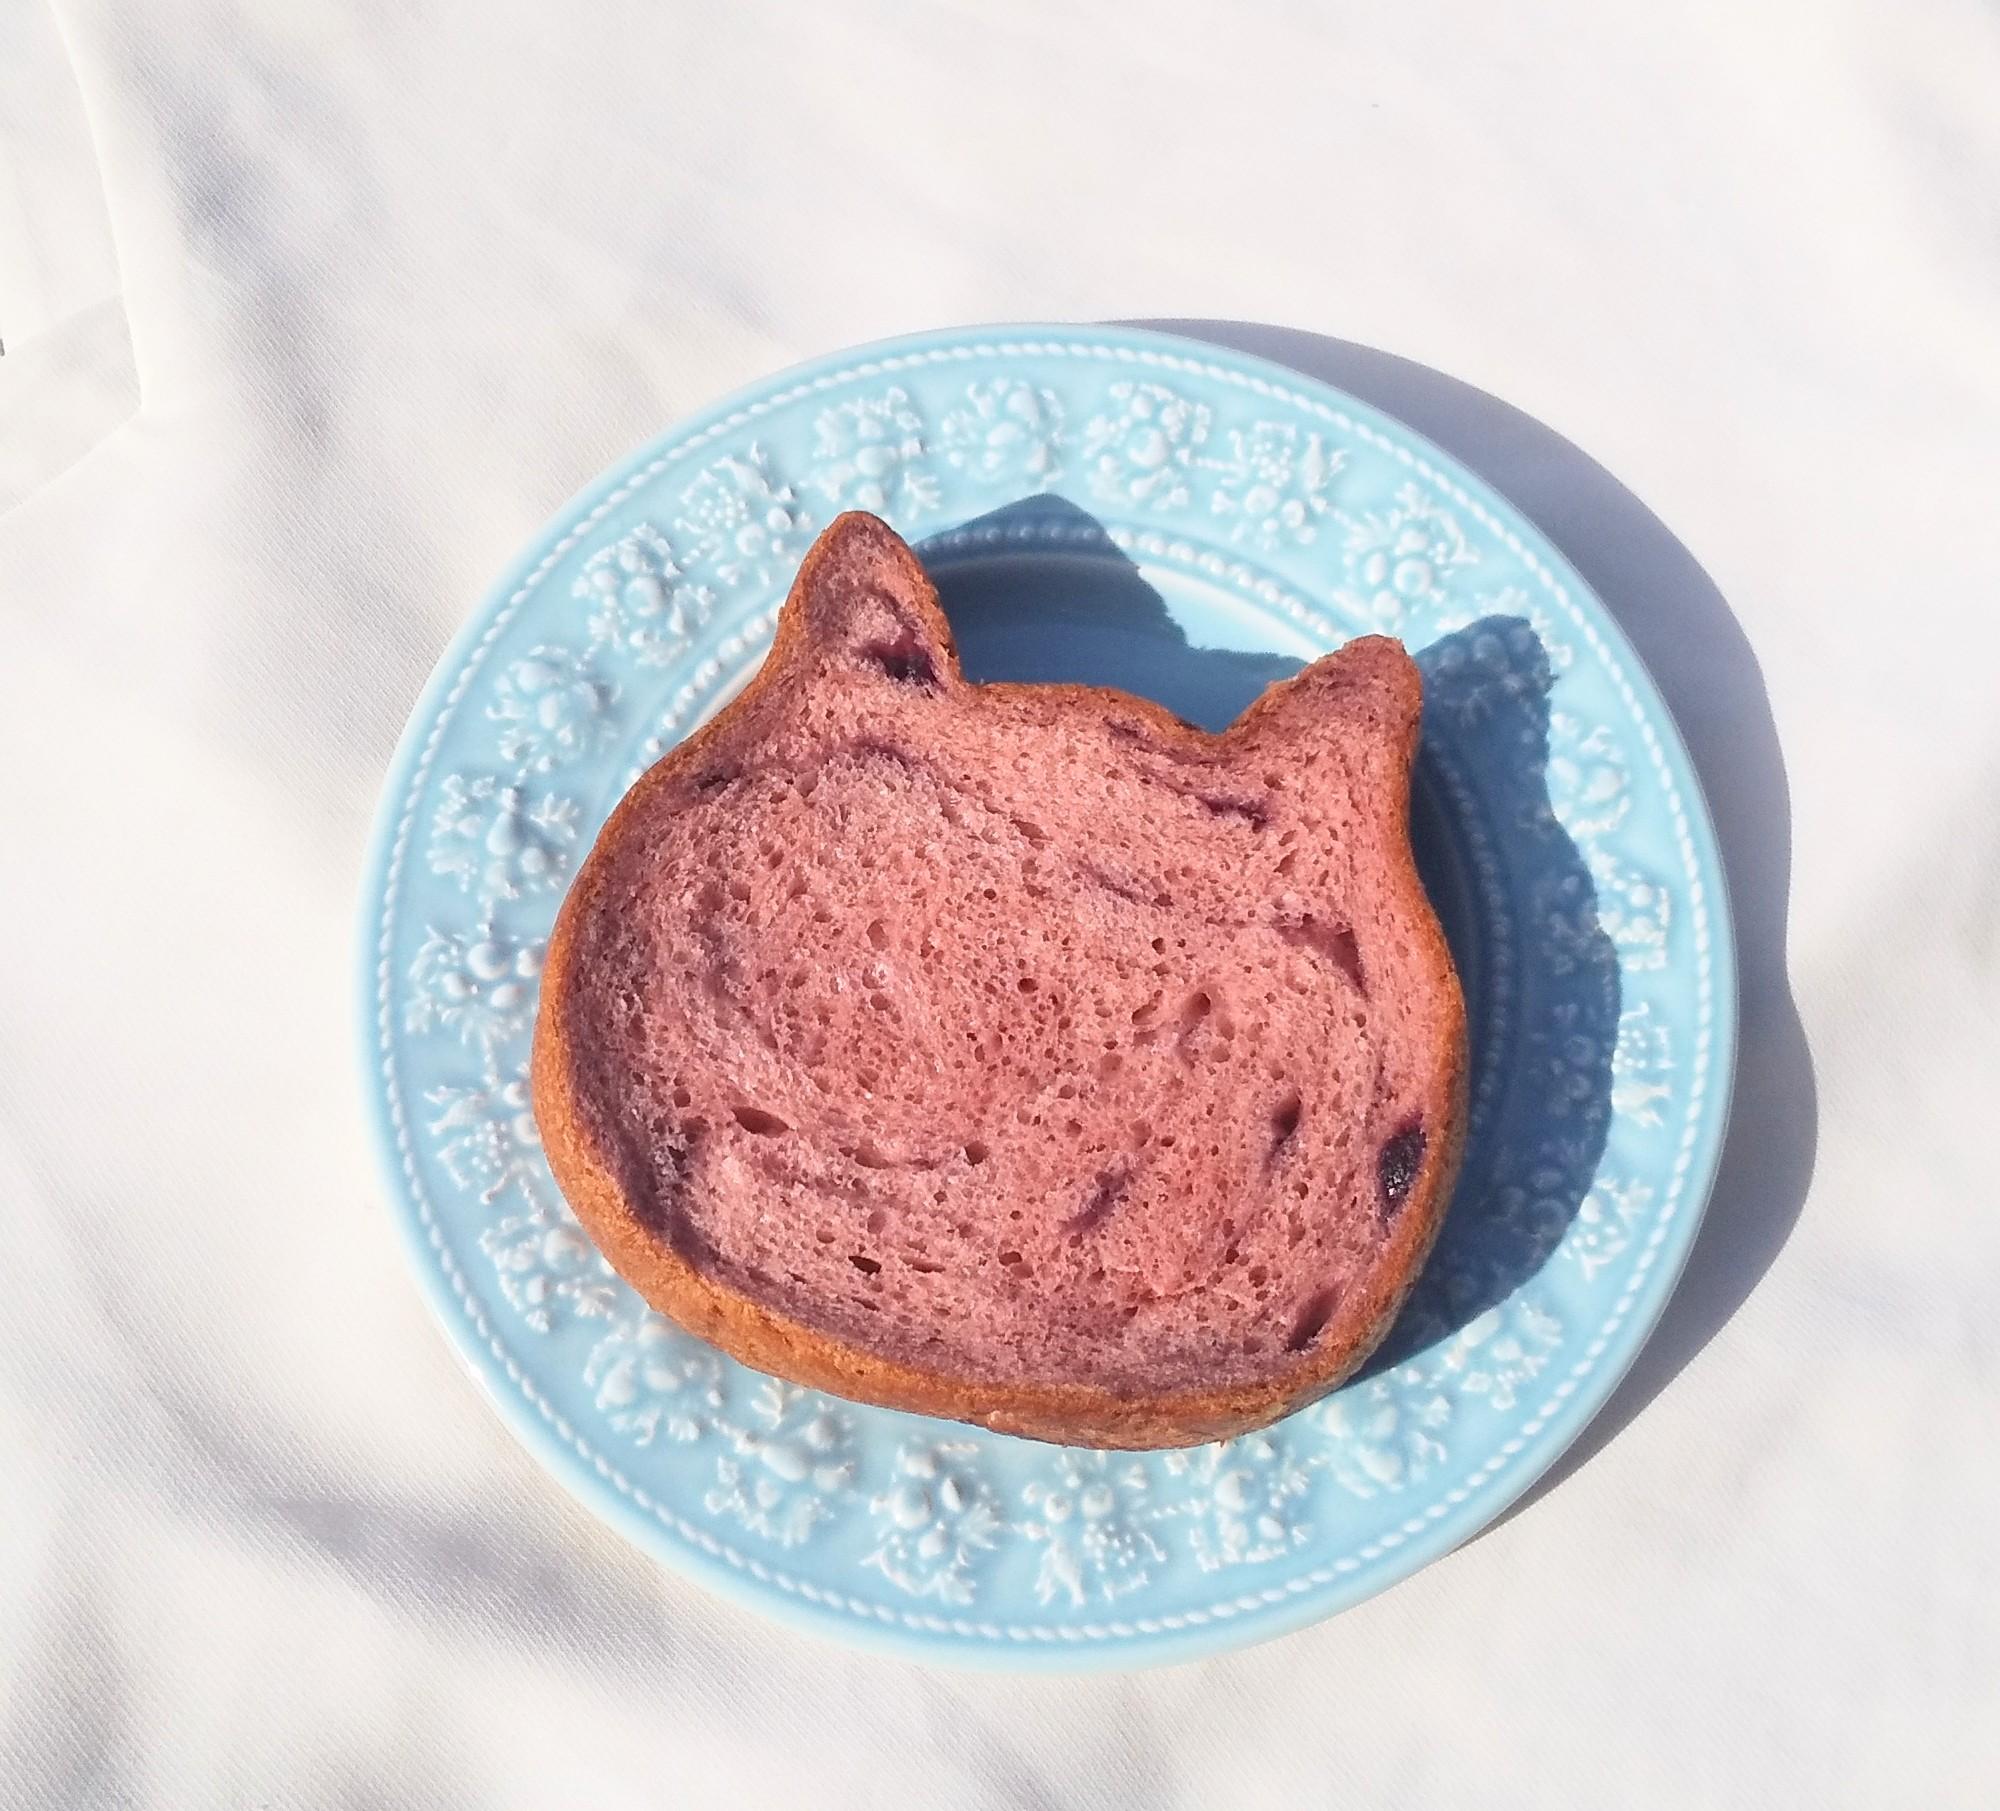 【幸せ朝ごはん】ねこねこ食パンで、1日のはじまりがHAPPYに!_5